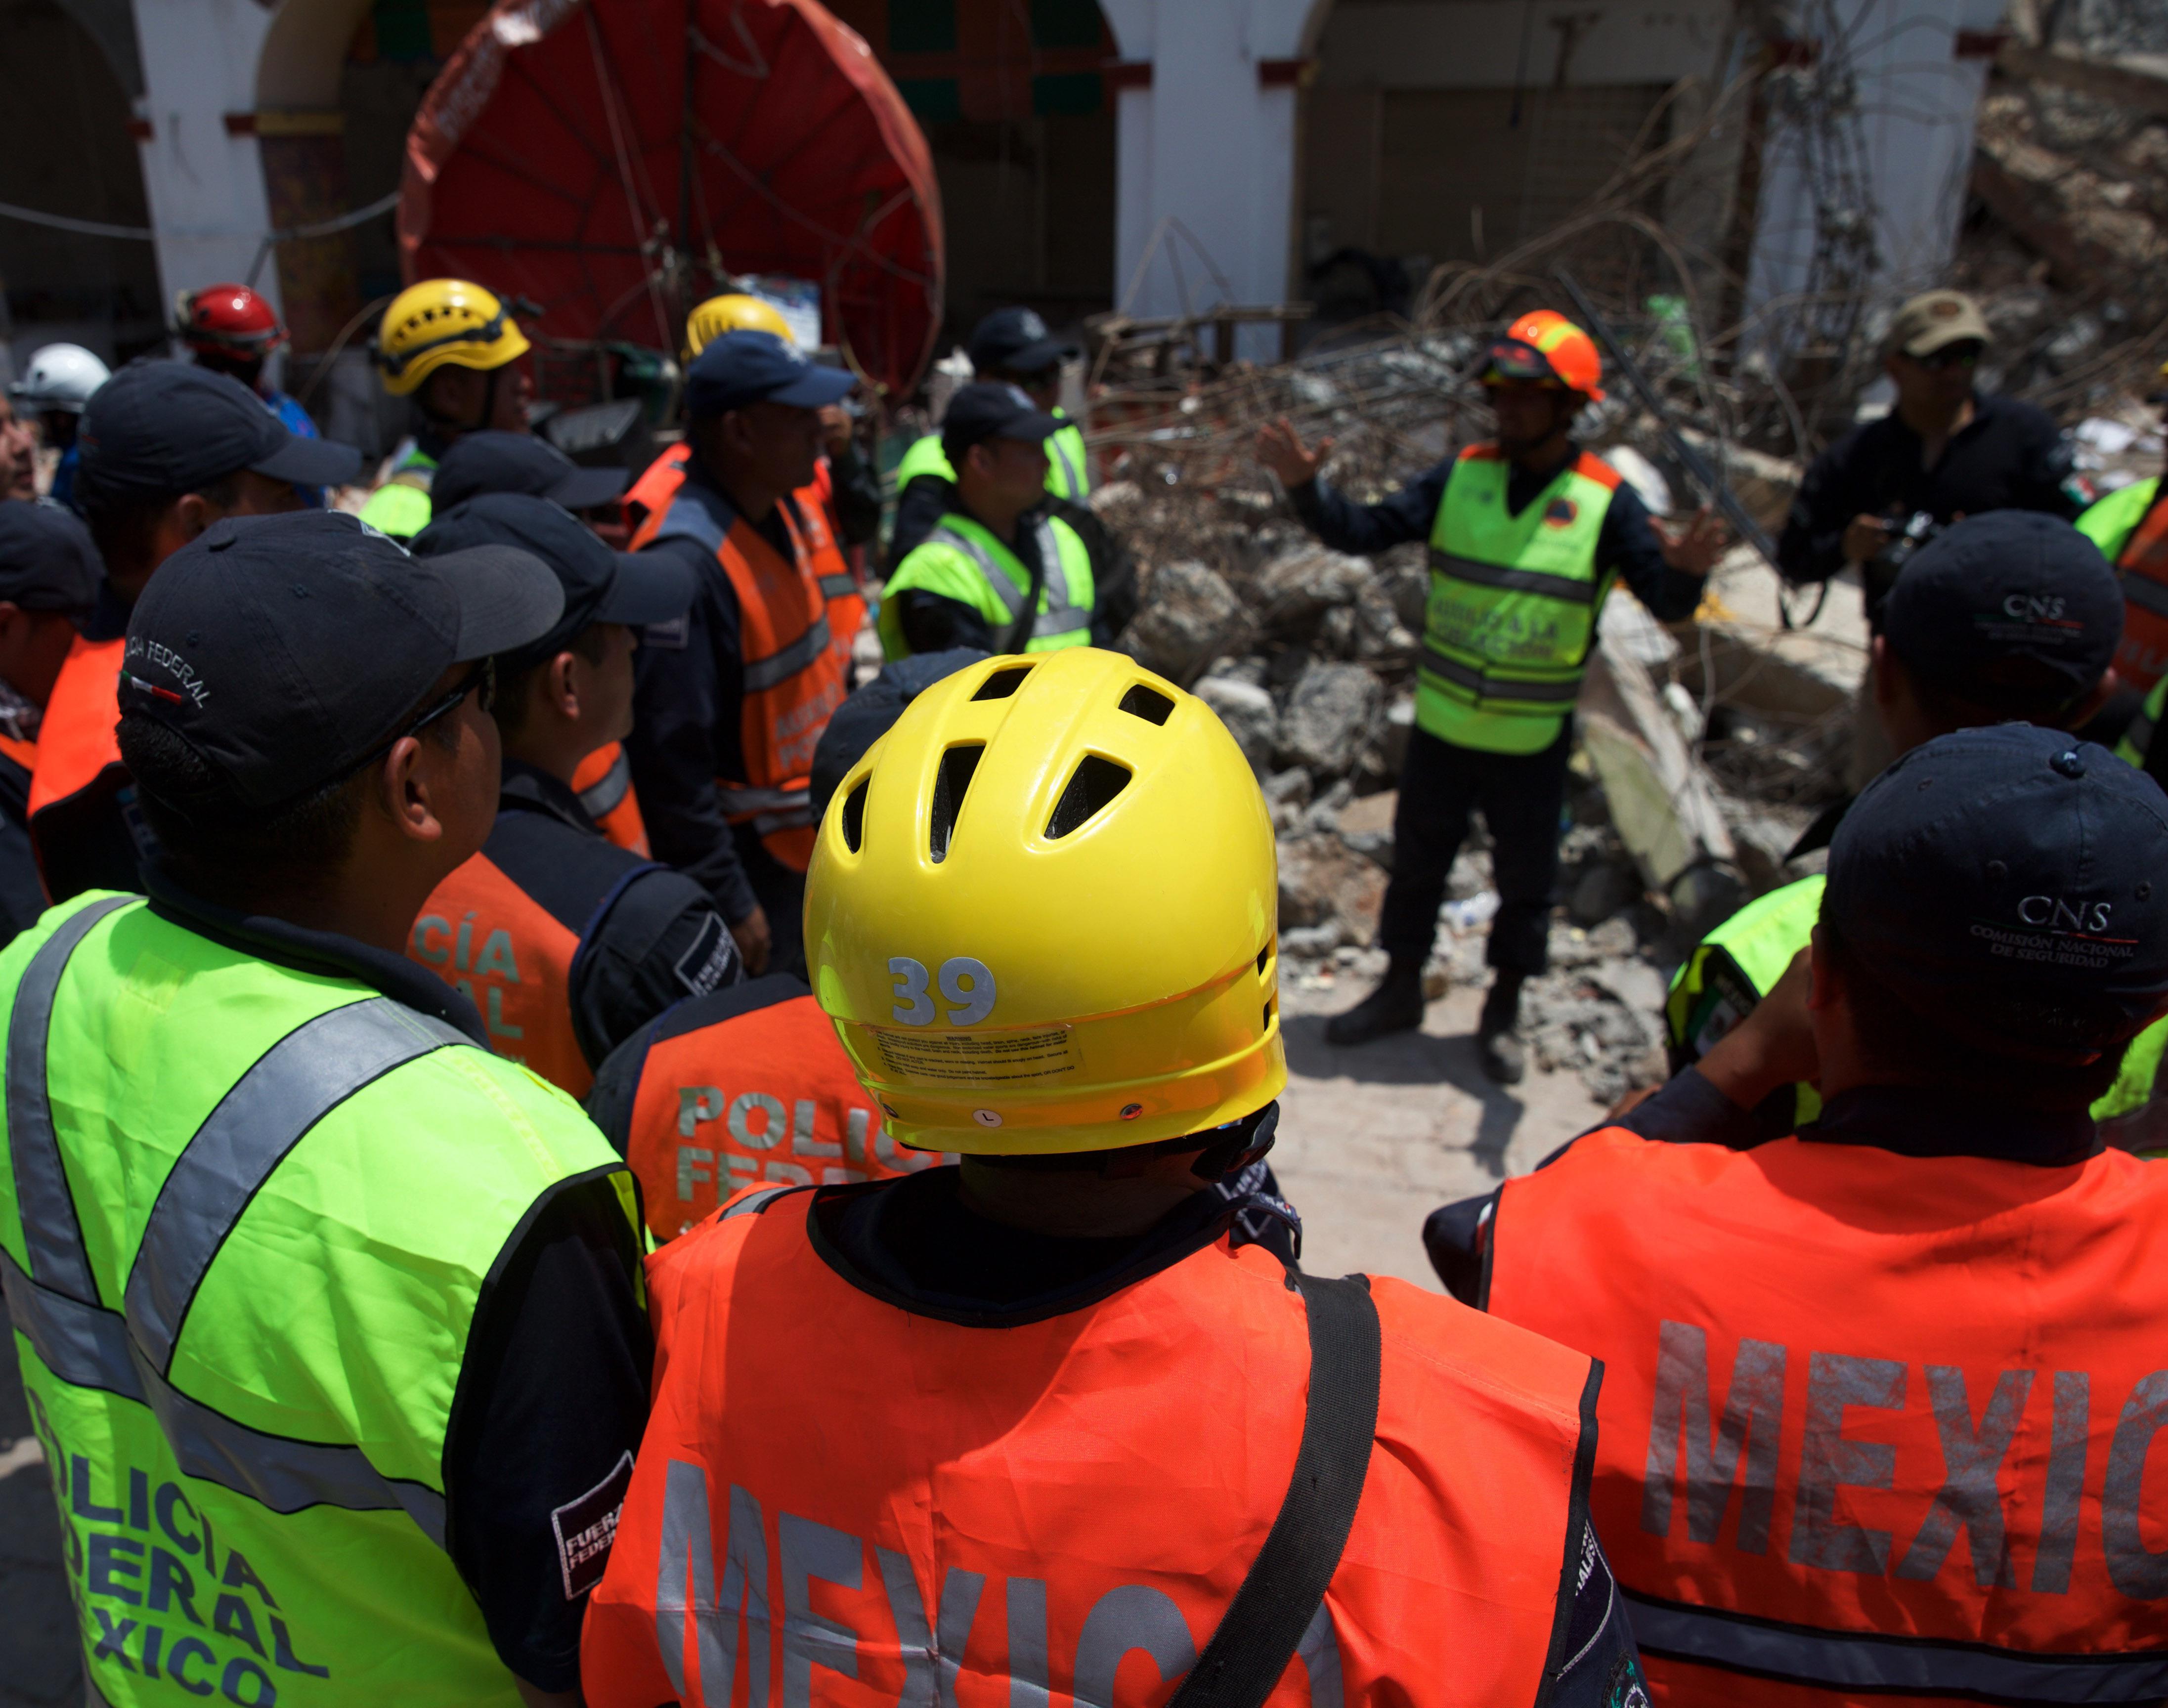 (170910) -- OAXACA, septiembre 10, 2017 (Xinhua) -- Imagen del 9 de septiembre de 2017, de rescatistas esperando para entrar en una zona de búsqueda después de un sismo, en Juchitán, en el estado de Oaxaca, México. A 90 subió el número de muertos por el terremoto de 8.2 grados Richter que cimbró el centro y sur de México el 7 de septiembre, informaron el sábado autoridades federales. (Xinhua/Dan Hang) (fnc)